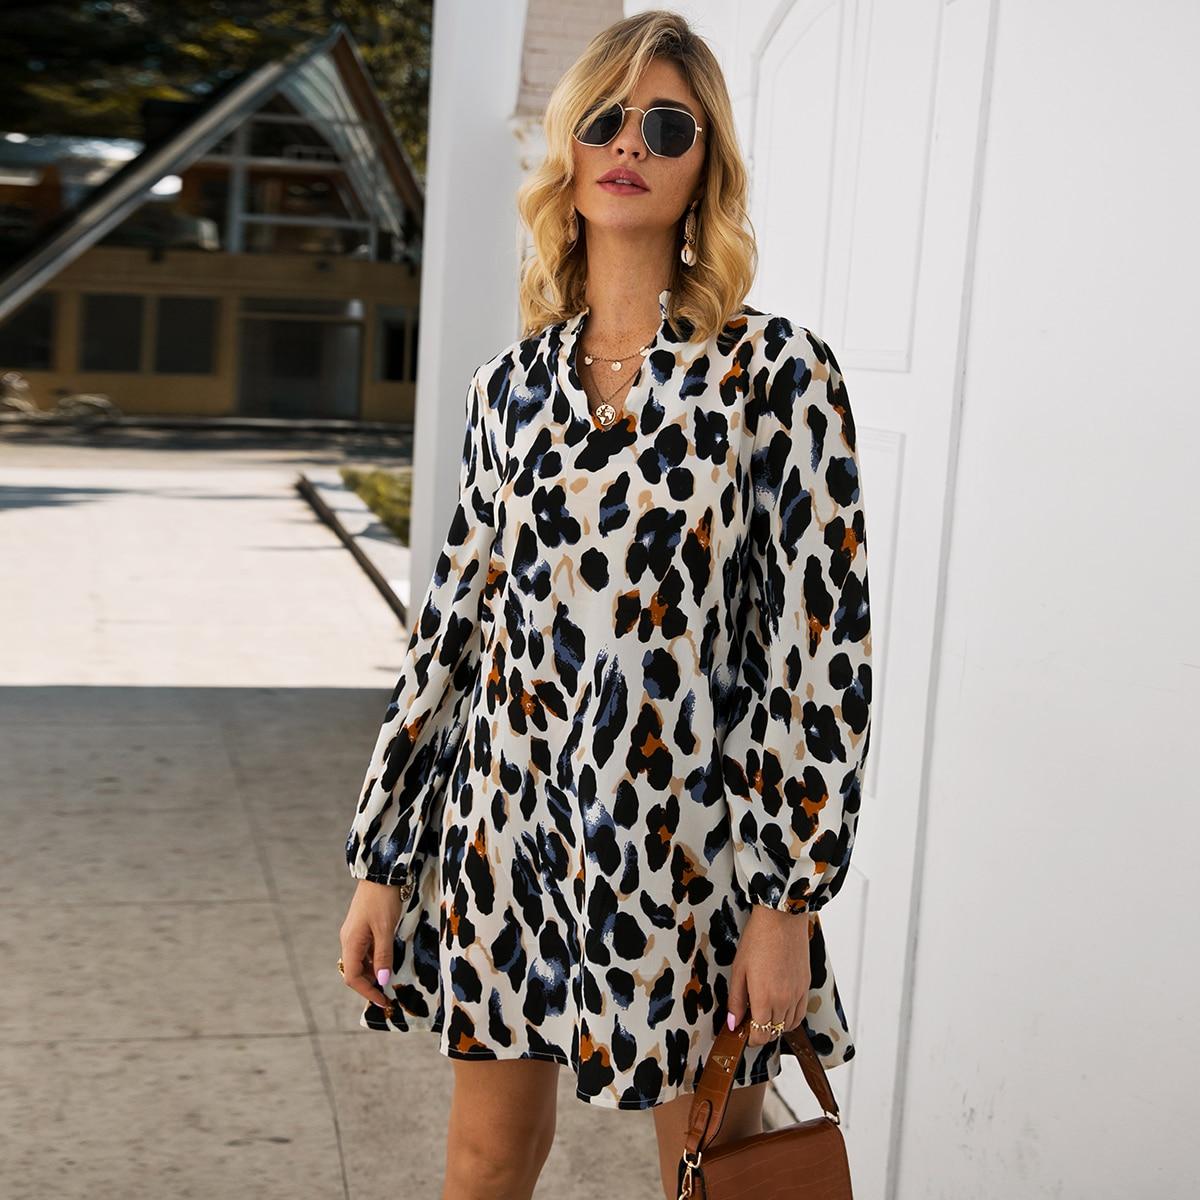 Стильное платье с леопардовым принтом Image